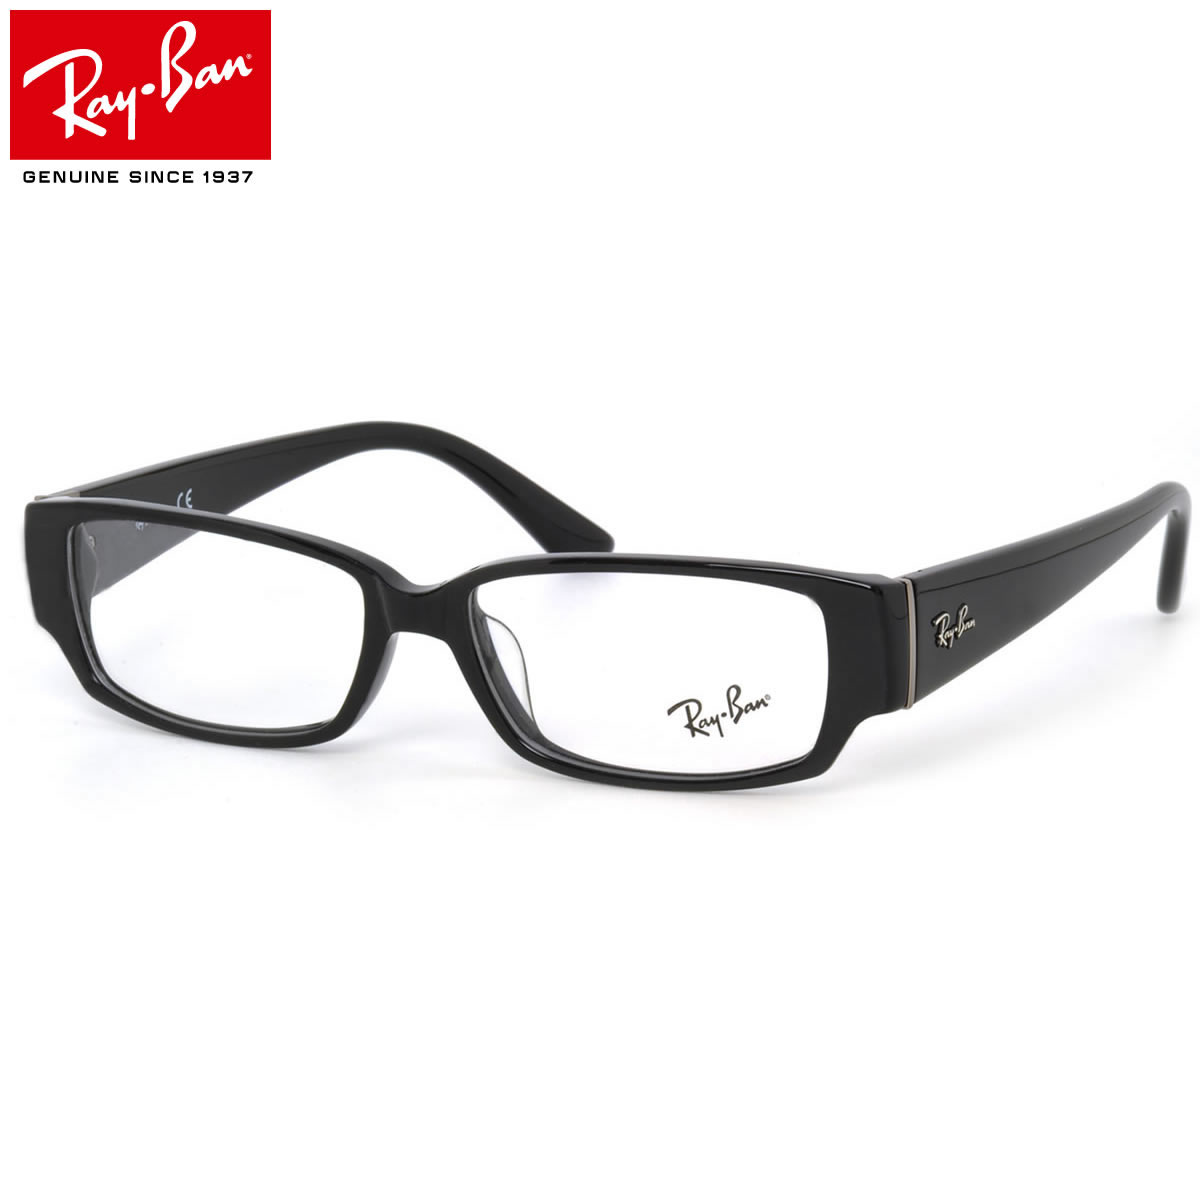 ほぼ全品ポイント15倍~最大34倍! レイバン メガネ フレーム Ray-Ban RX5250 5114 54サイズ 伊達メガネ フレーム 度付き レイバン RAYBAN メンズ レディース